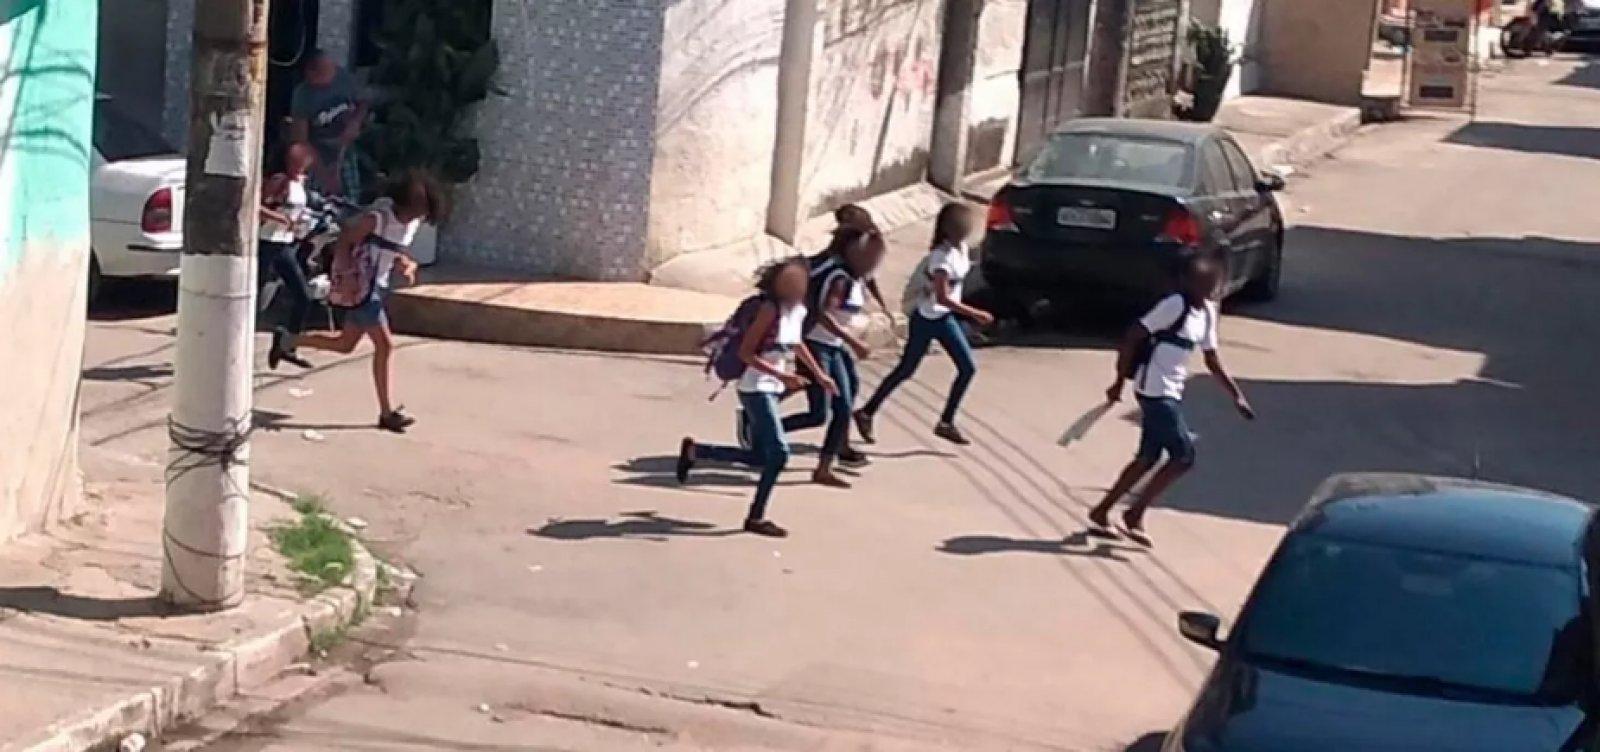 Em três dias, pelo menos 13 pessoas morreram em ações policiais no RJ